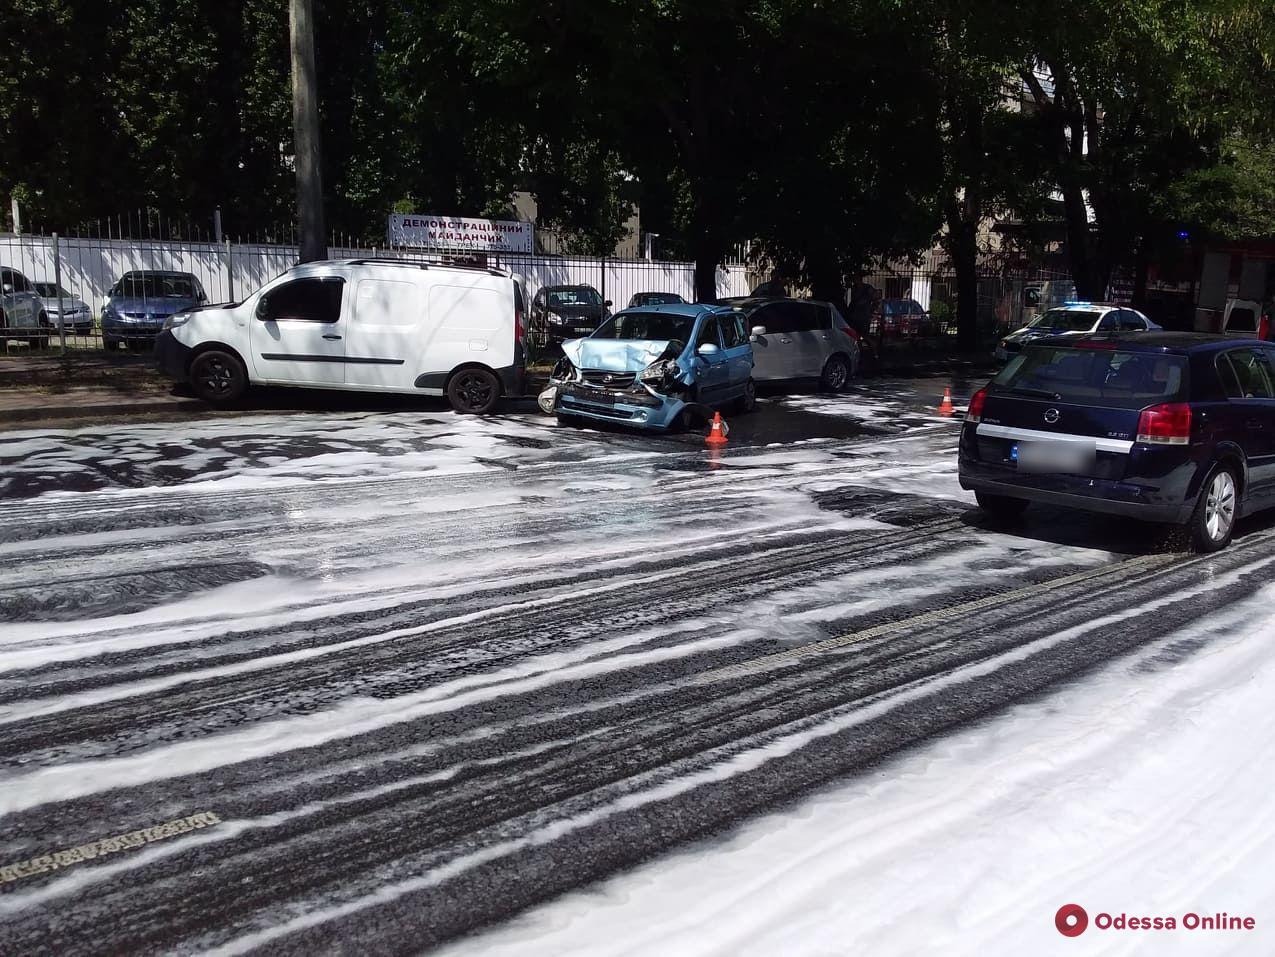 Из-за тройного ДТП на Святослава Рихтера образовалась пробка (фото)